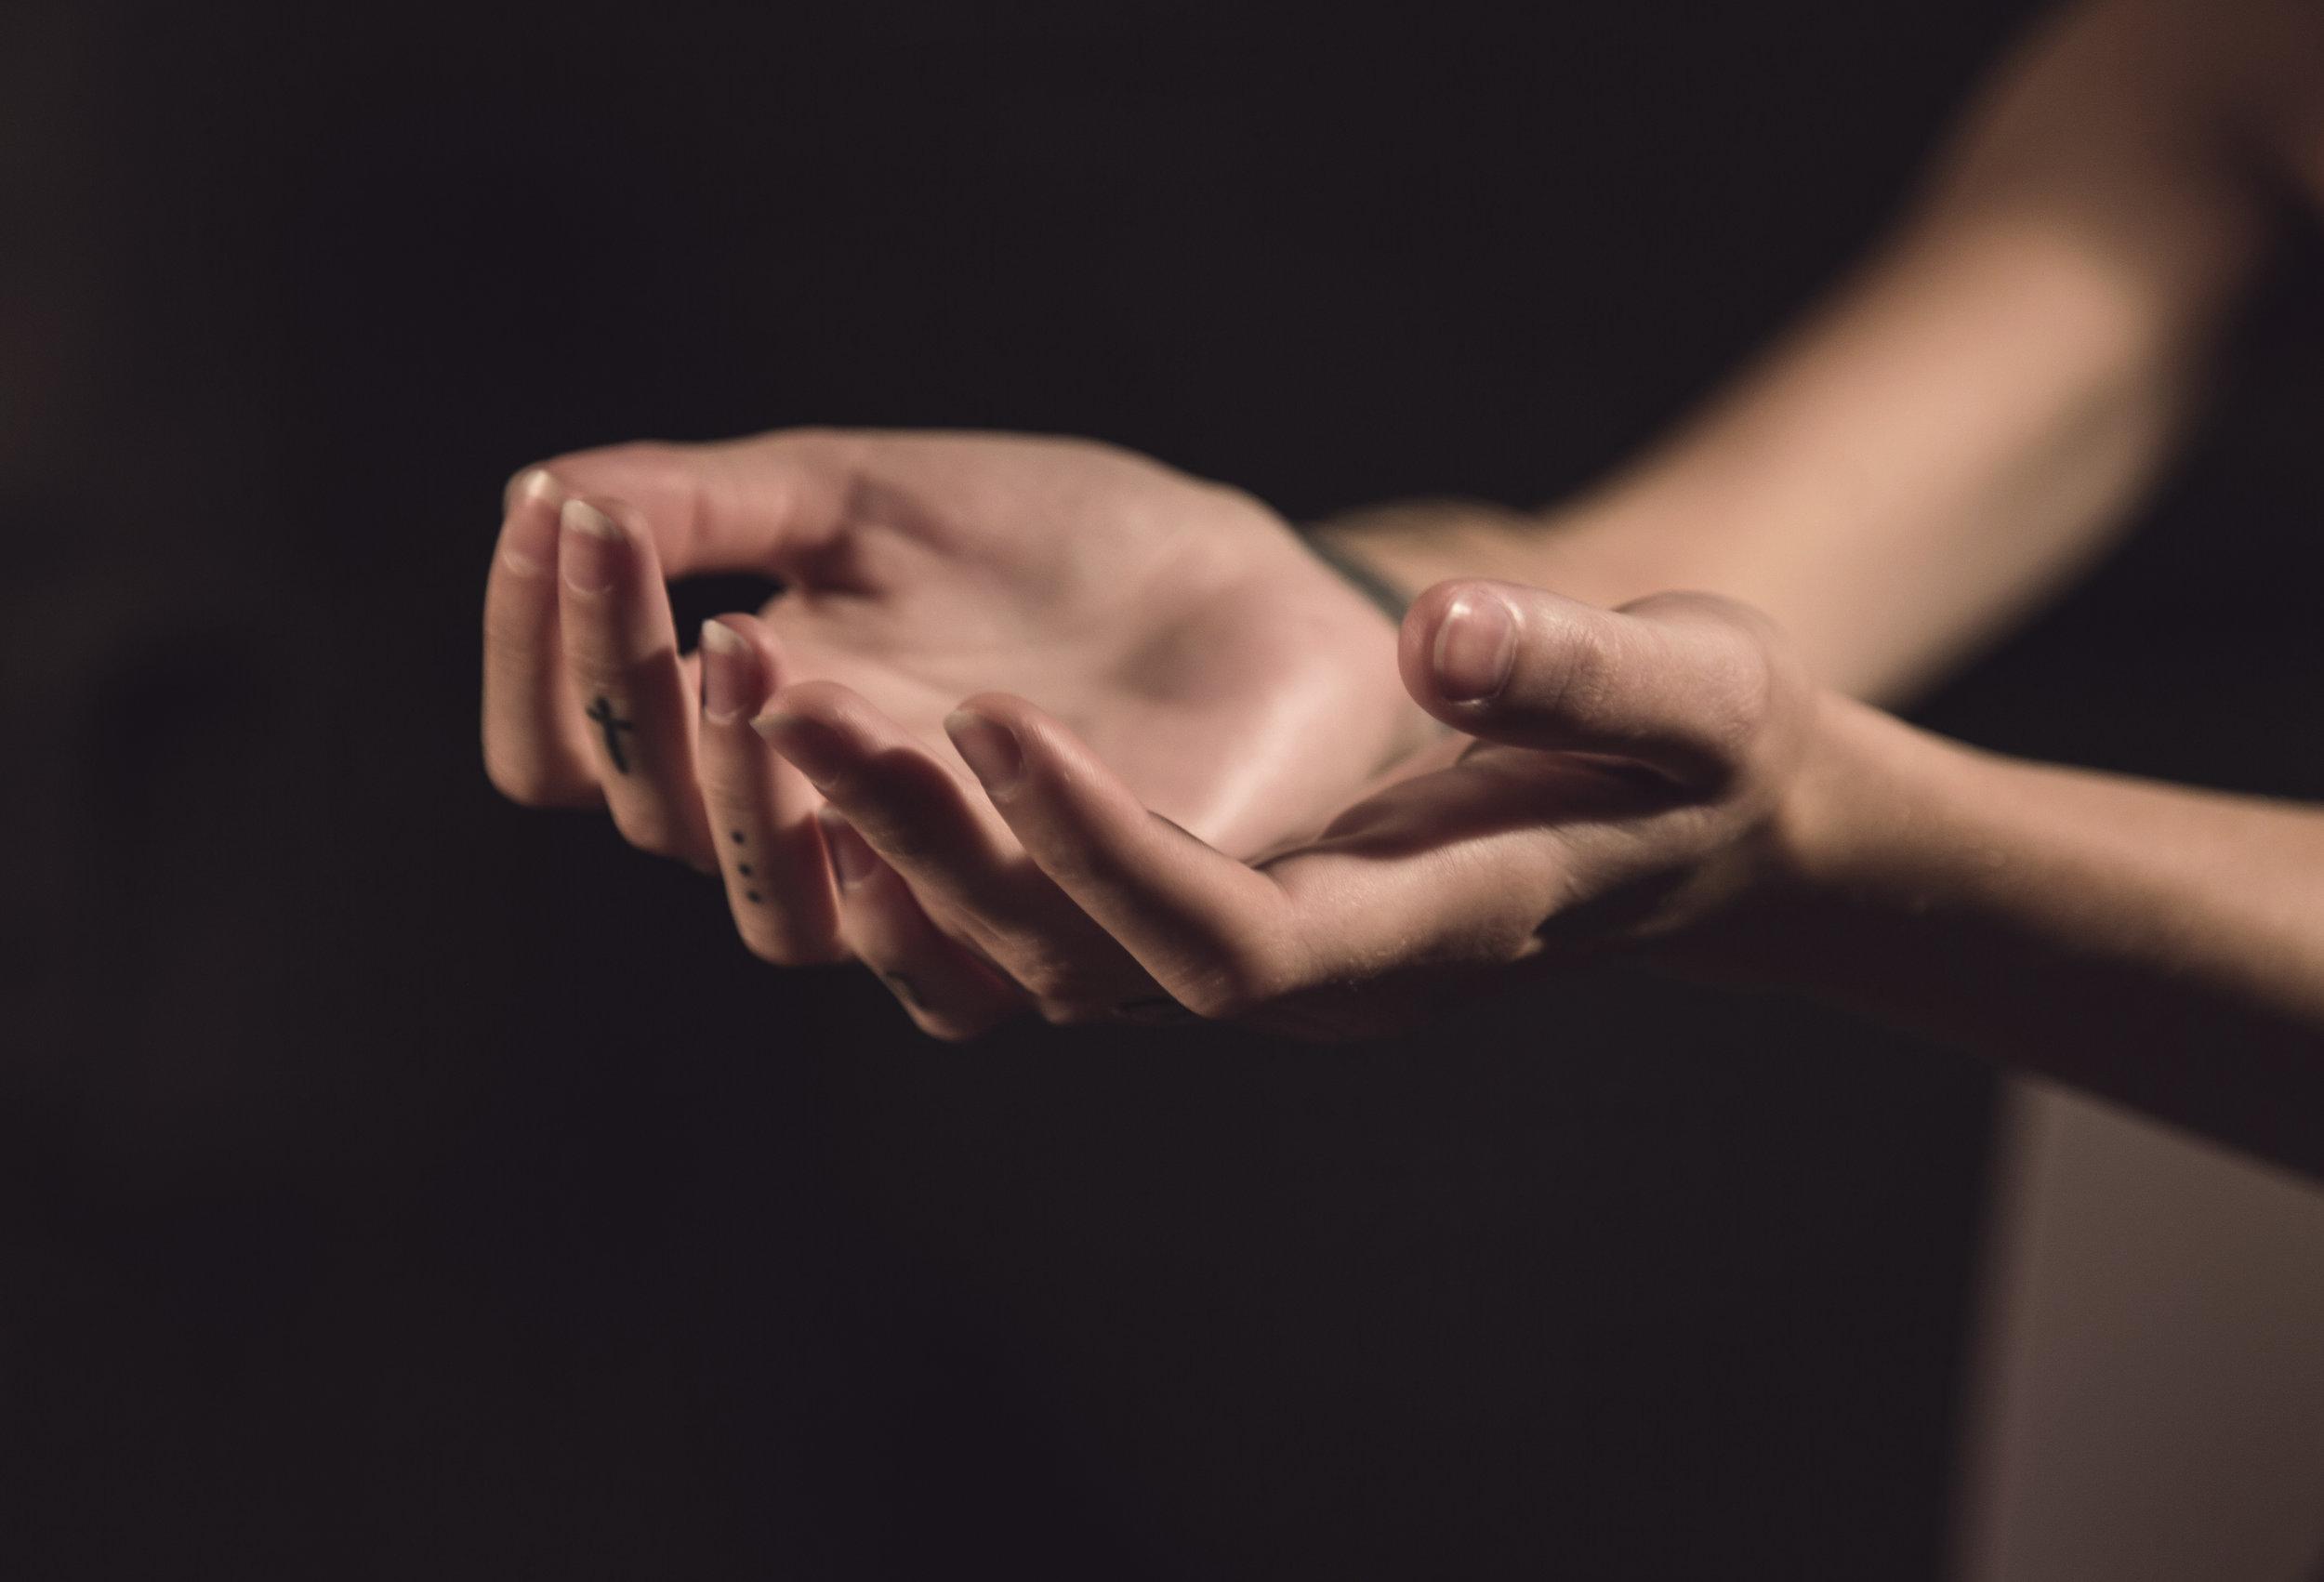 Loving Hands - © 2016Genre: Spoken WordTheme: Stories